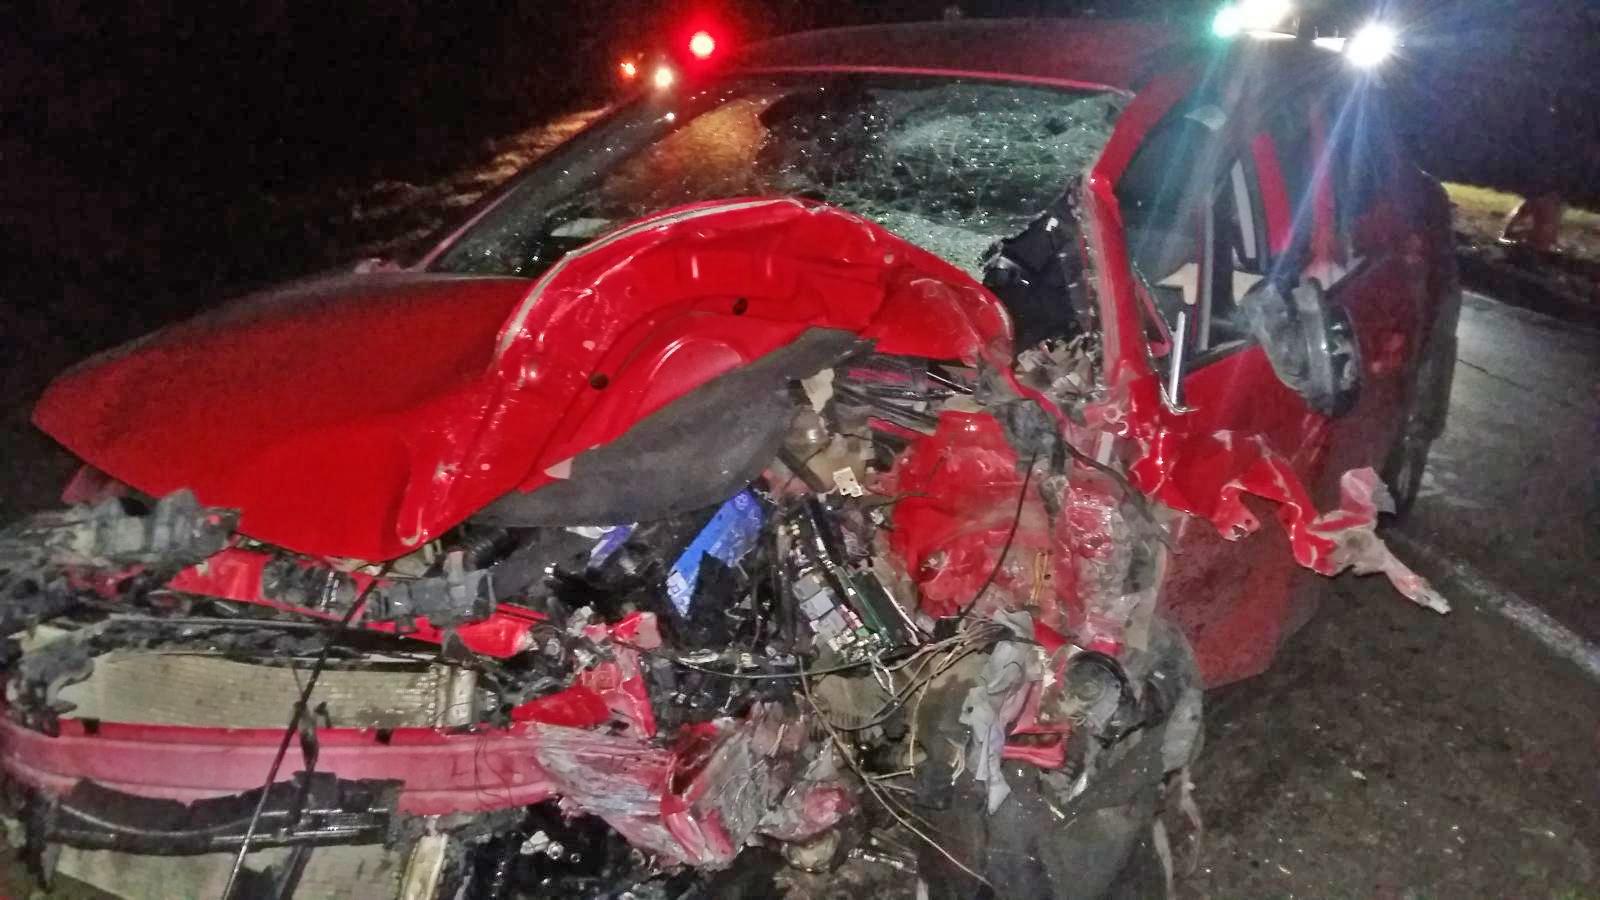 В Тамбовском районе водителя ослепил свет фар и он врезался в иномарку: погиб молодой человек